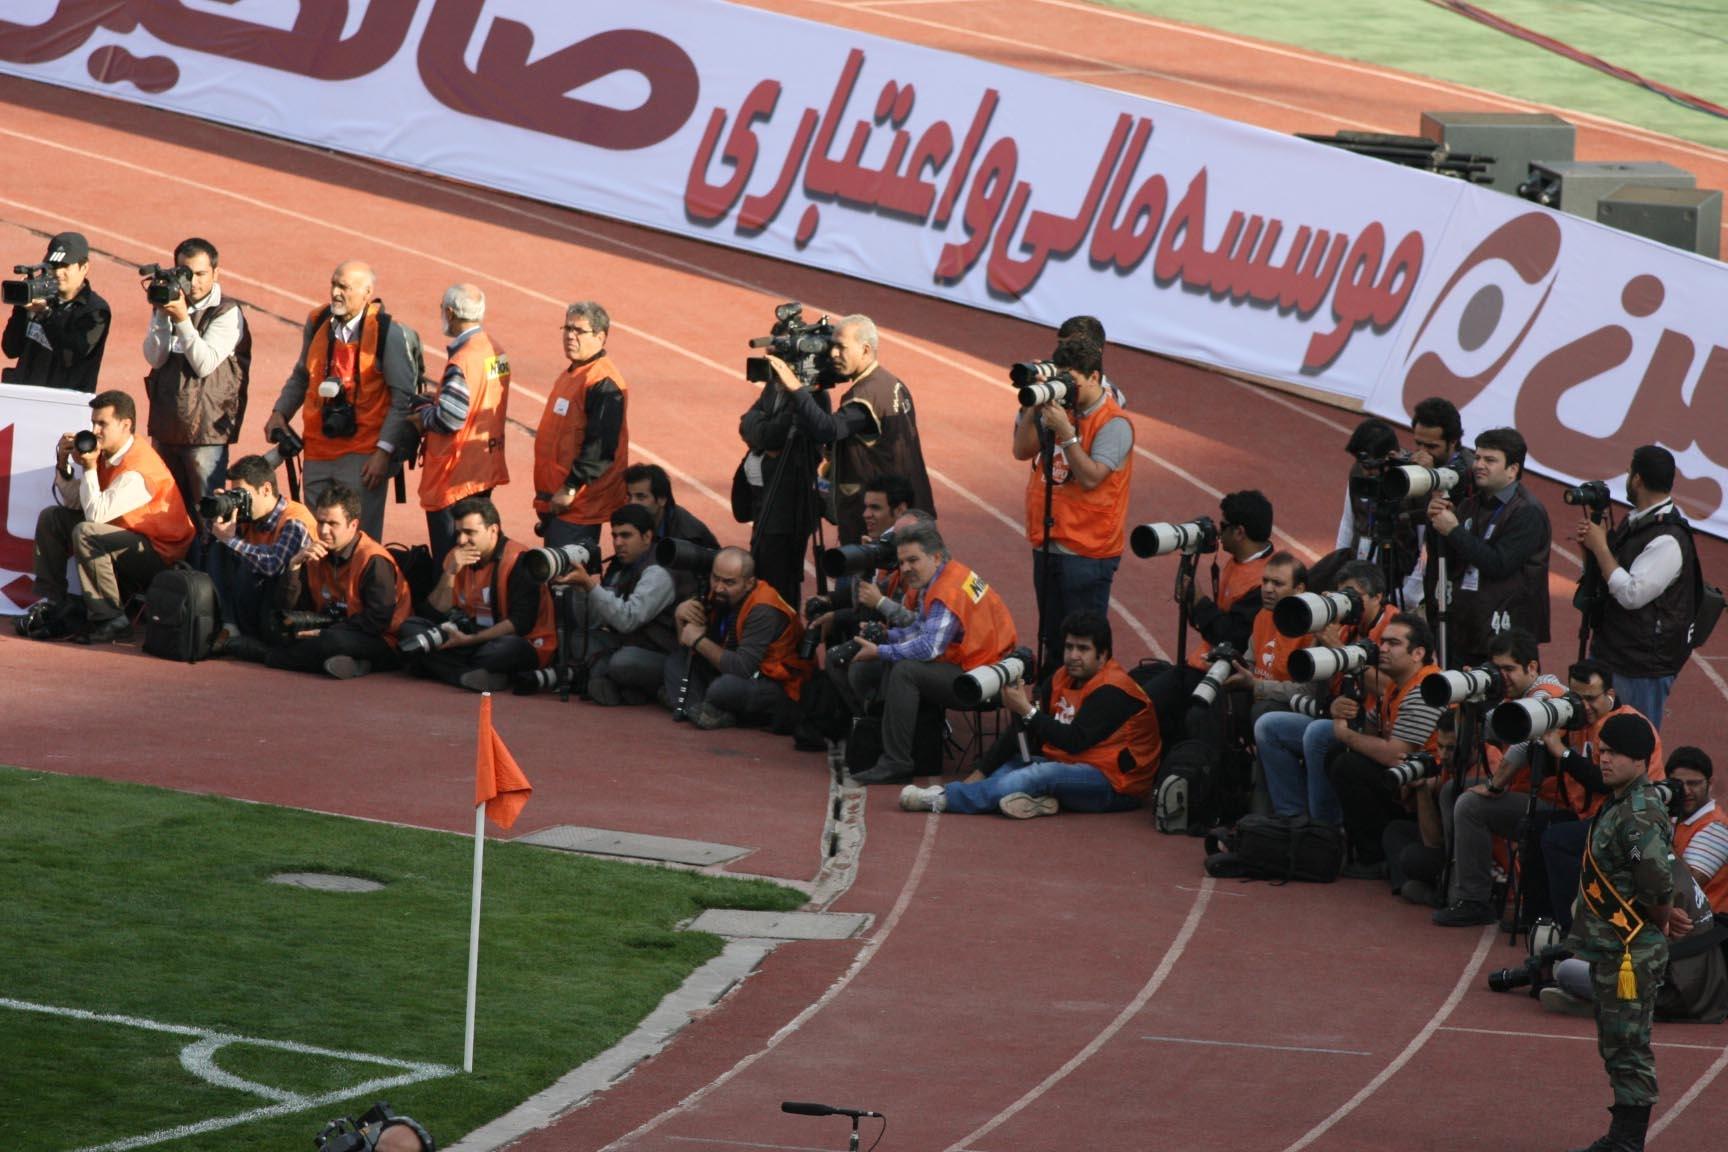 گزارش تصویری پیروزی استقلال در دربی هفتادم